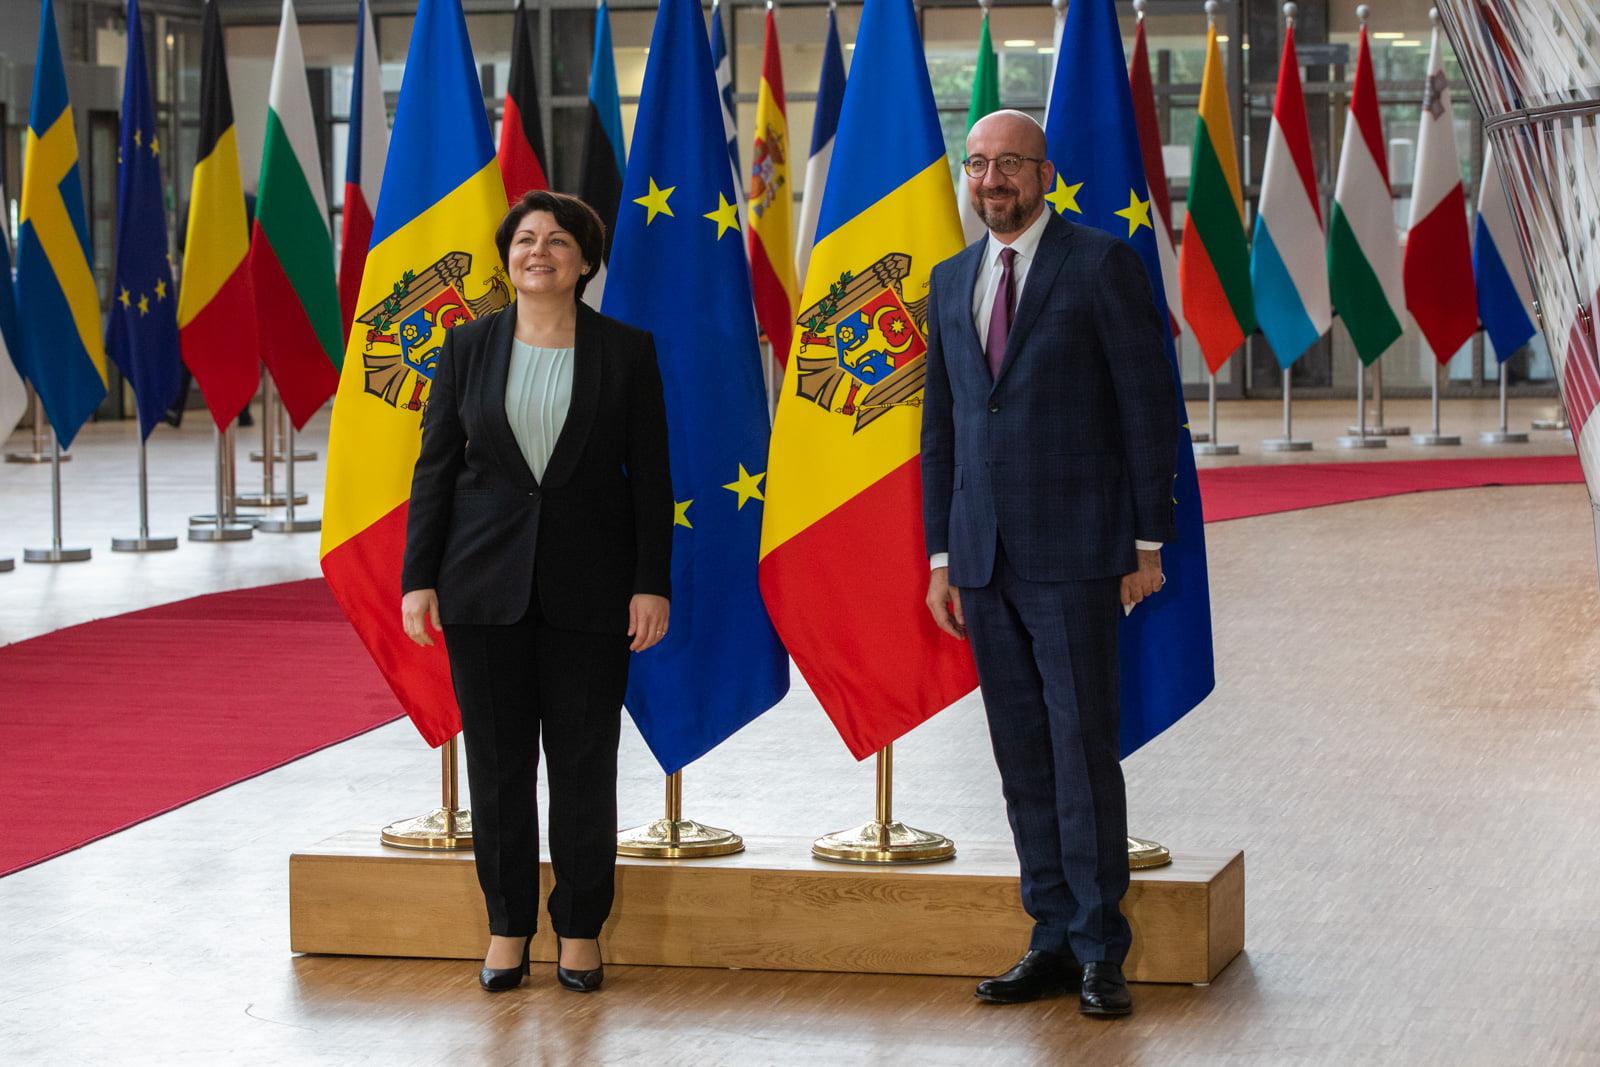 ЕСпередаст Молдове €50 млн макрофинансовой помощи. Что еще обсудила Гаврилица вБрюсселе